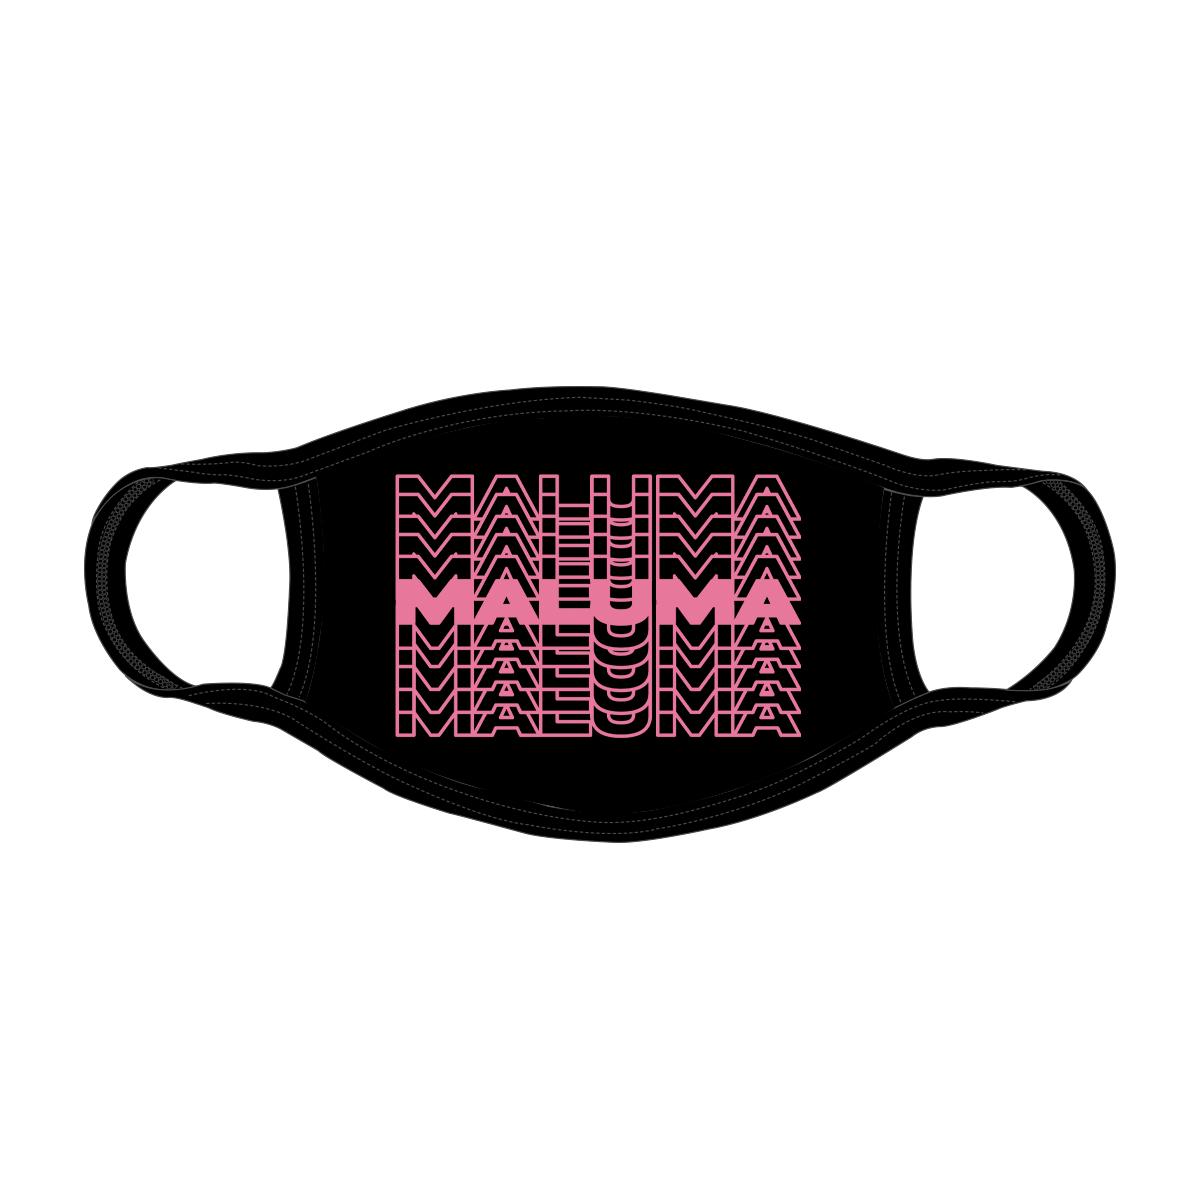 Maluma Repeat Black Mask